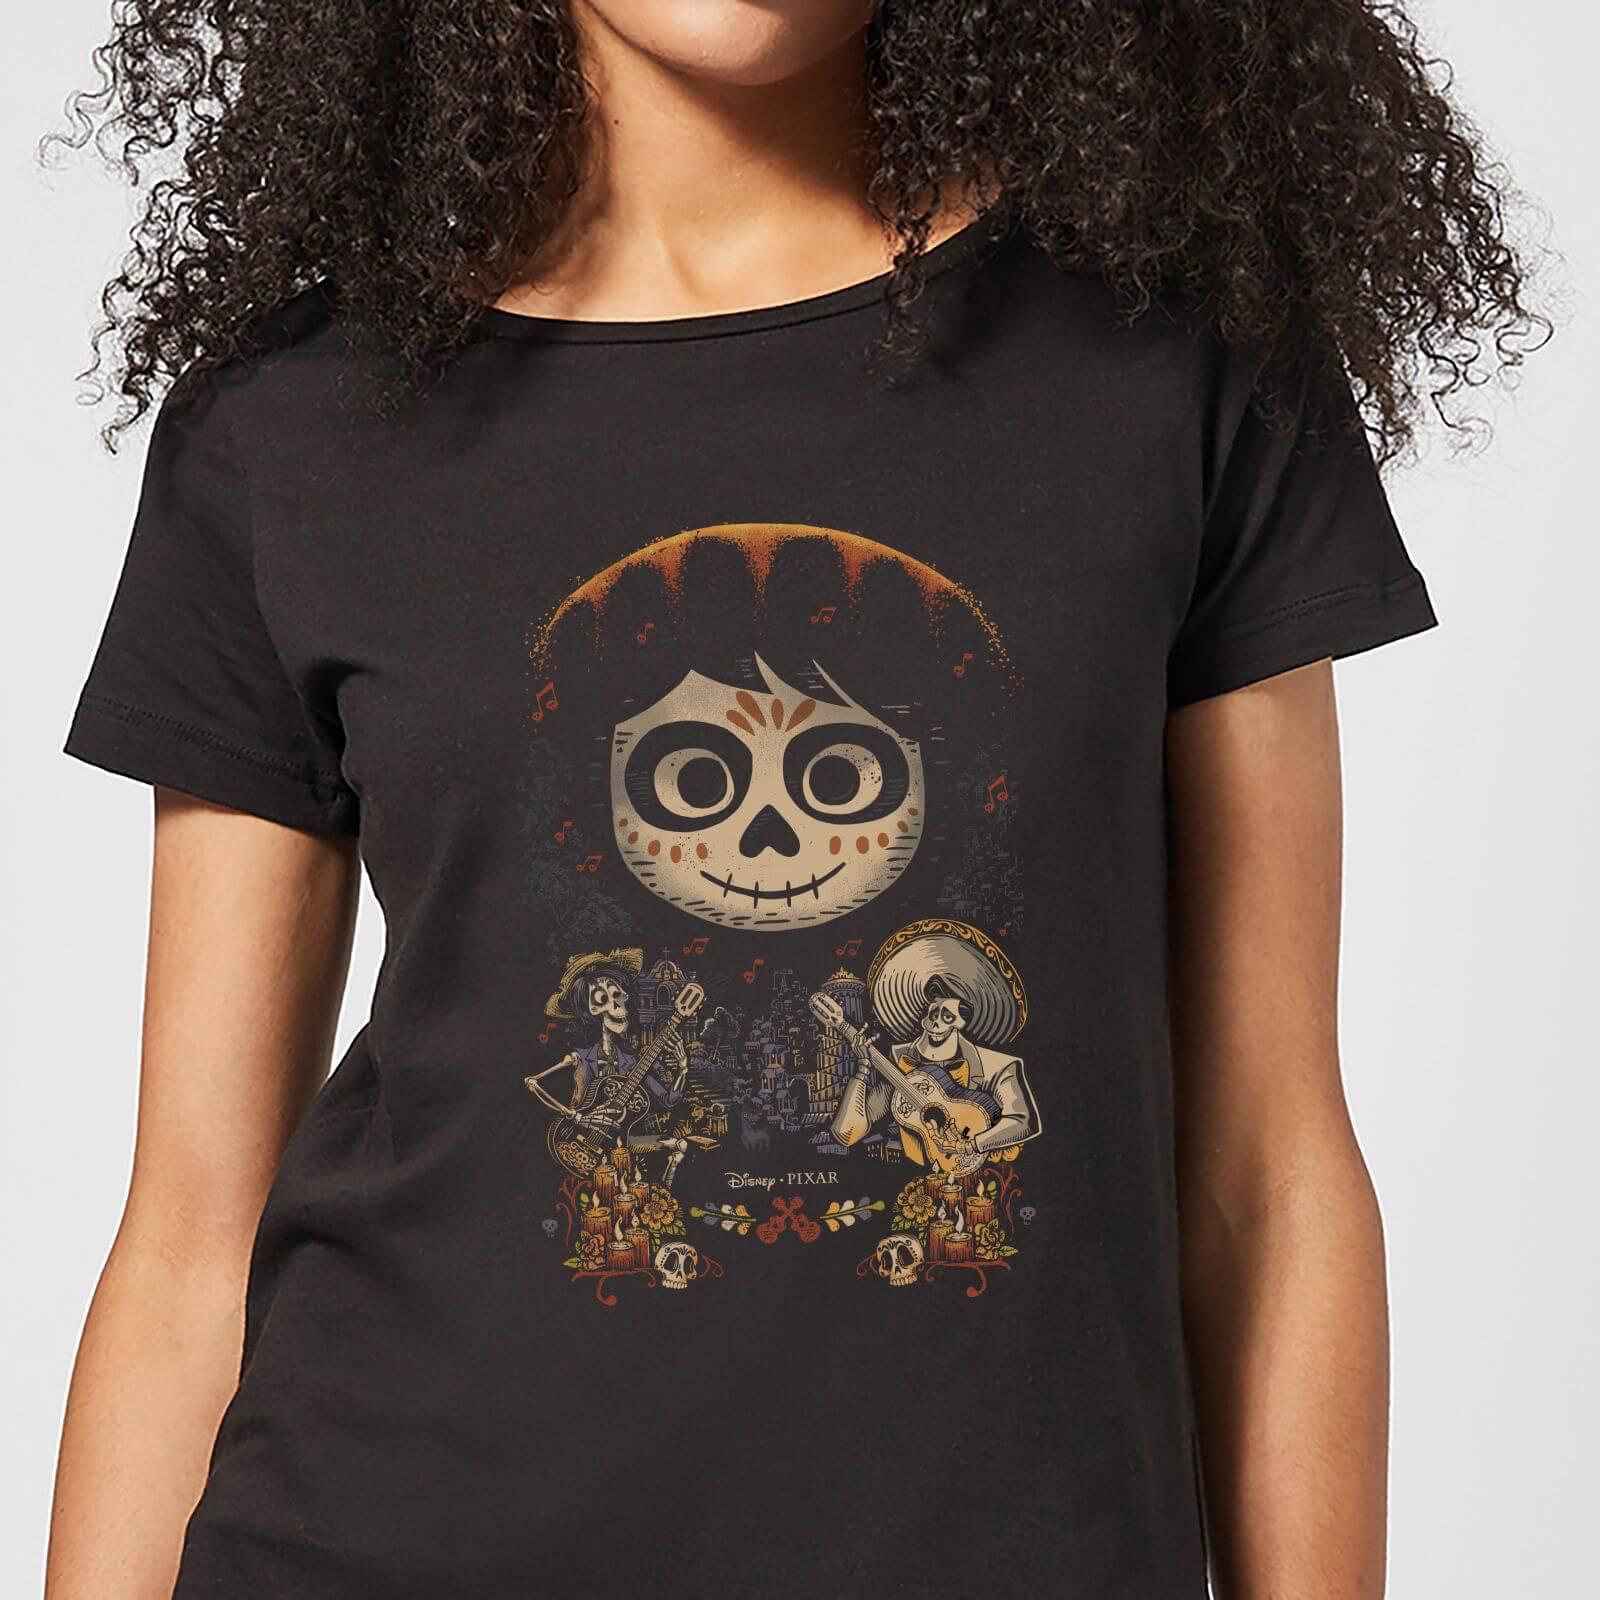 Pixar T-Shirt Femme Visage Miguel Poster Coco - Noir - L - Noir